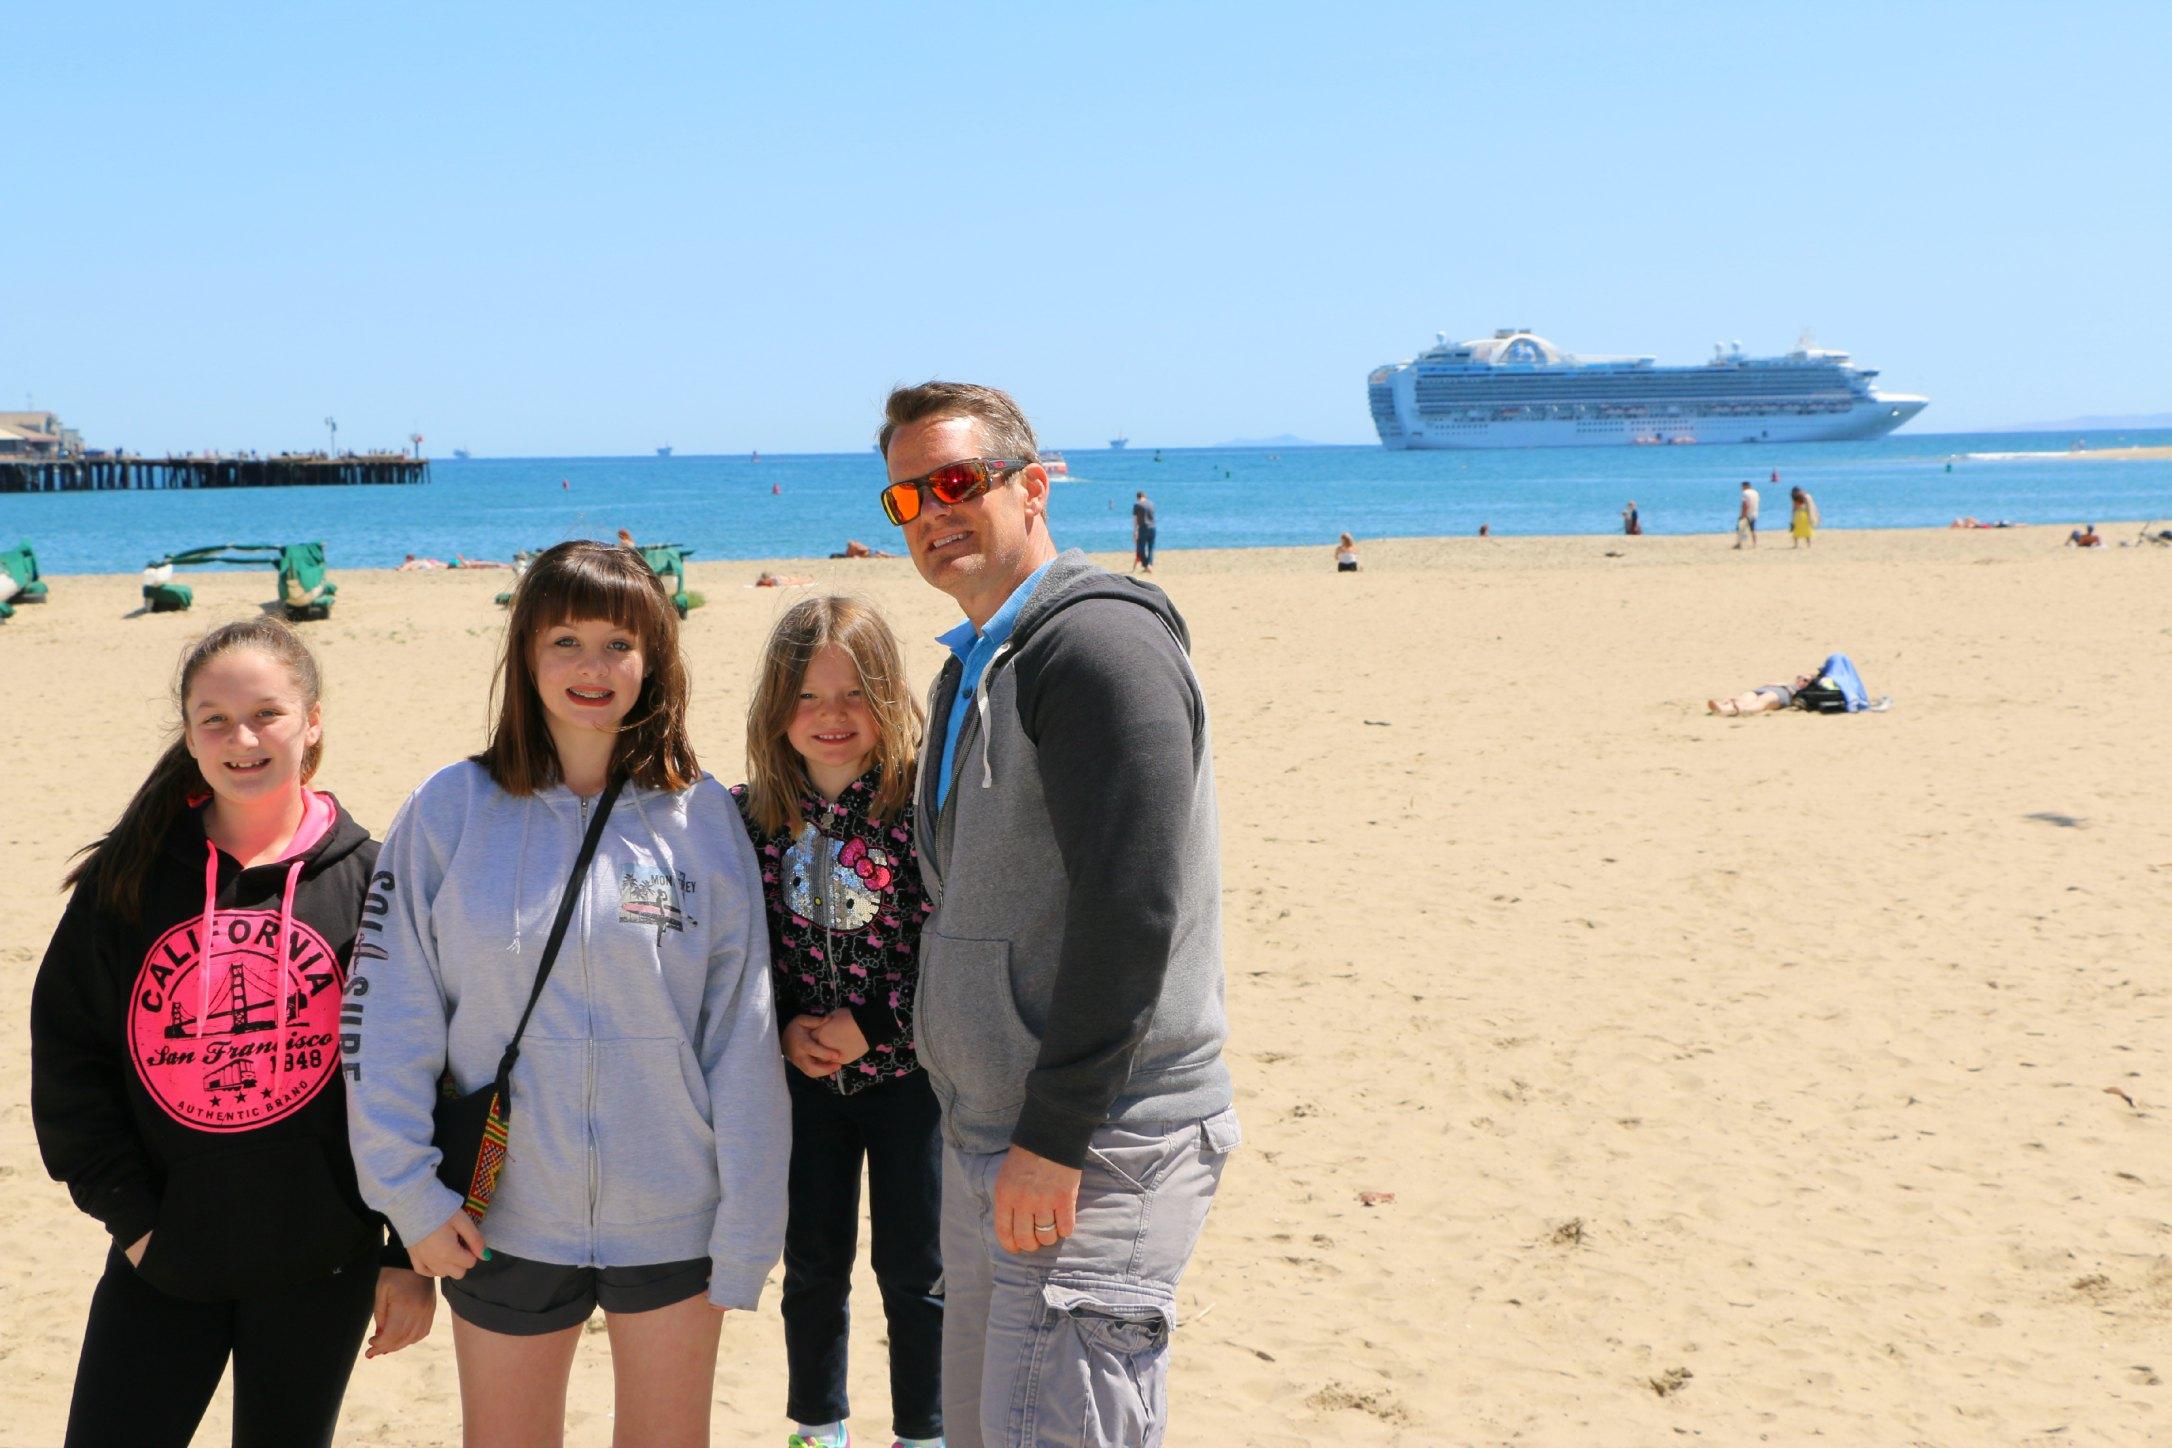 cruise ship in Santa Barbara